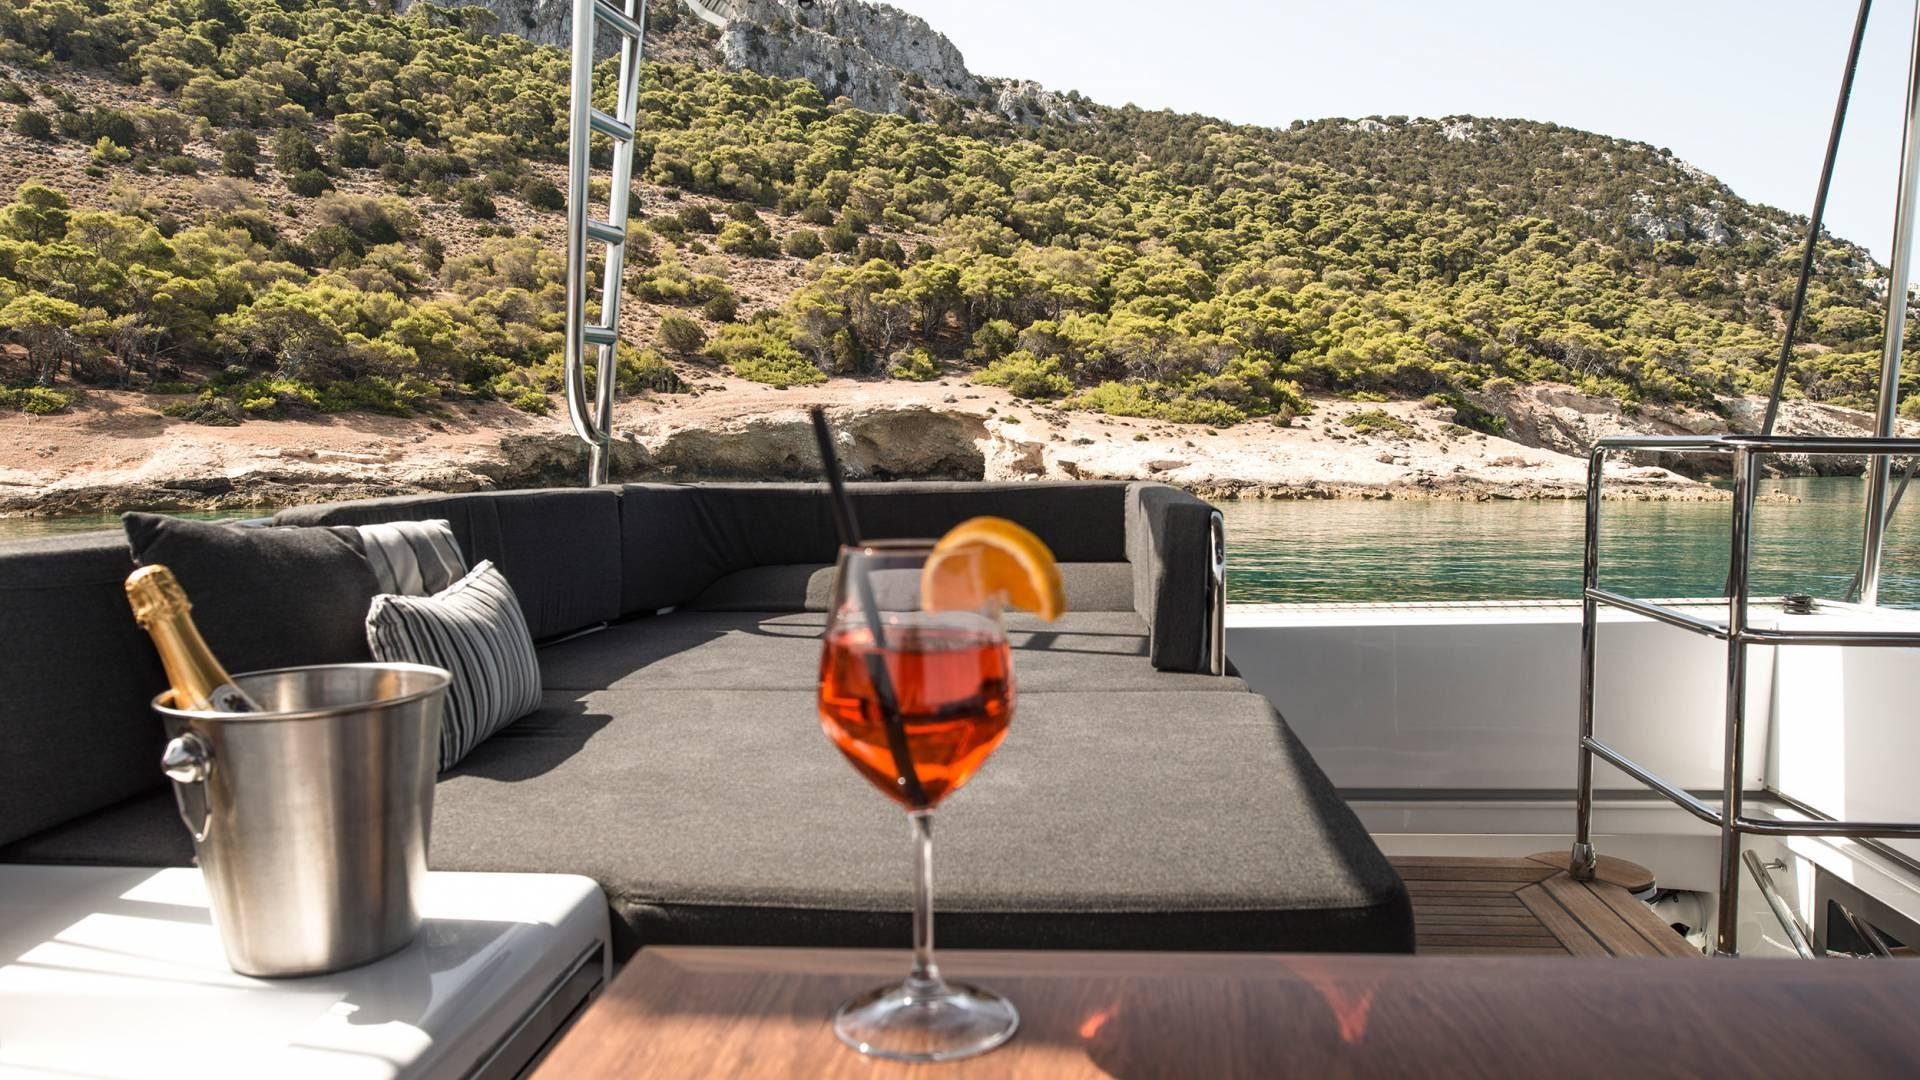 boat-rent-greeece-l.jpg